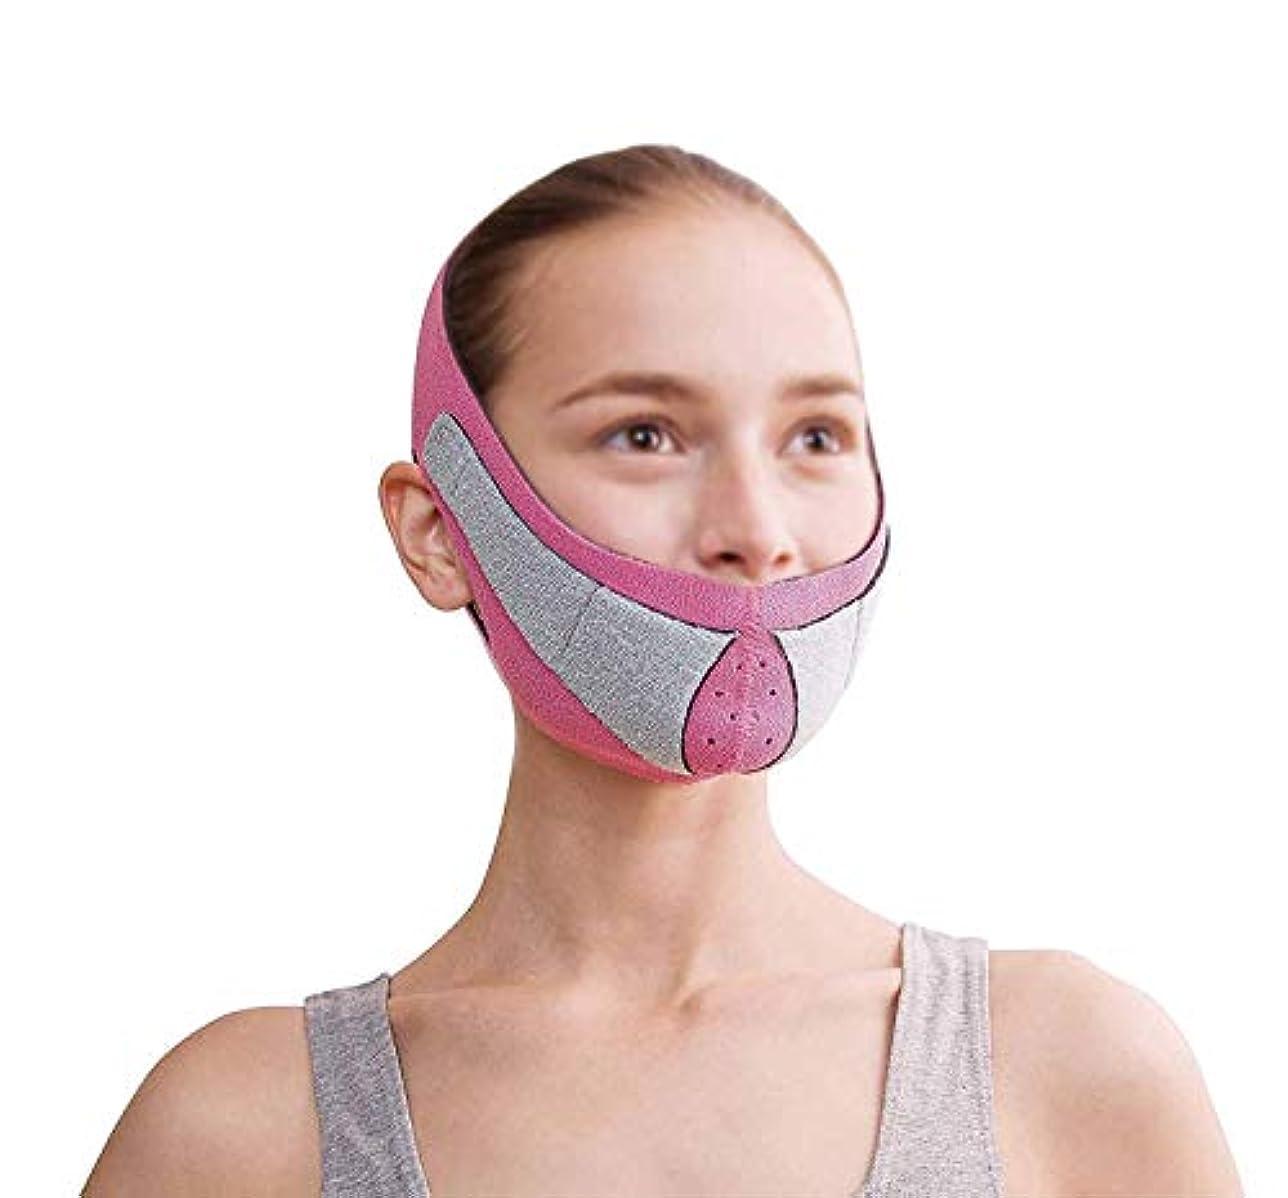 飲み込む独特のシャーロットブロンテフェイスリフトマスク、顔のMaskplus薄いフェイスマスクタイトなたるみの薄いフェイスマスク顔の薄いフェイスマスクアーティファクトネックストラップ付き